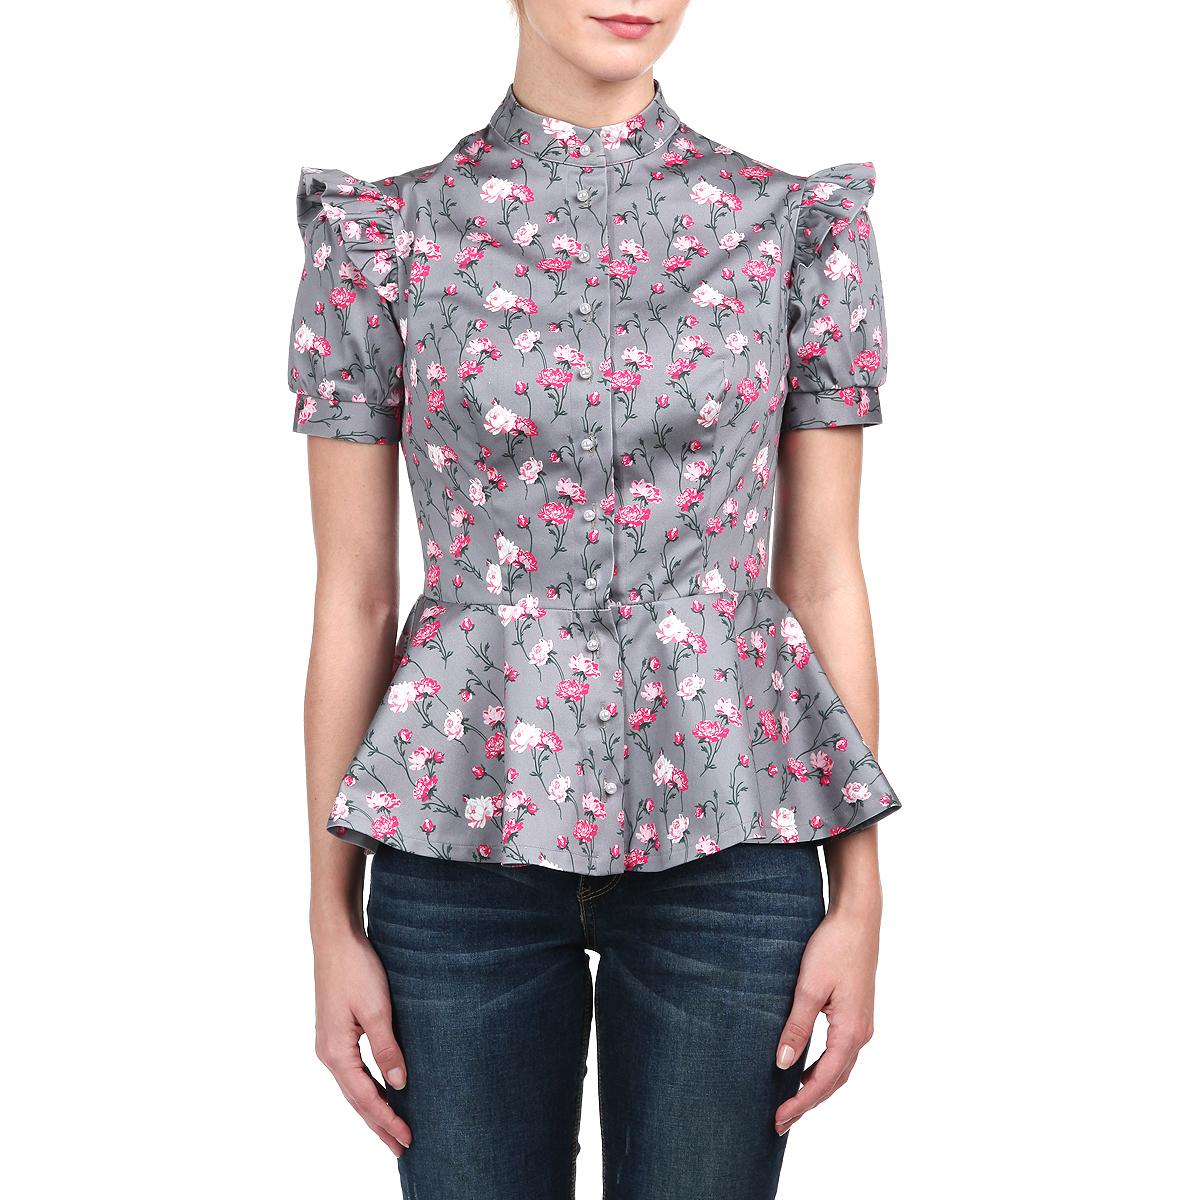 Блуза женская Анна Чапман, цвет: серый. M75K-22. Размер 52M75K-22Элегантная блуза АннаЧапман изготовлена из высококачественного хлопка с добавлением эластана. Блузка оформлена ярким принтом в виде роз. Этот орнамент символизирует дерево жизни и олицетворяет источник человеческого счастья. Баска великолепно подчеркивает талию. Модель украшает изящная отделка: пуговицы-жемчужинки, оборки на коротких рукавах-фонариках, воротник-стойка. Блуза Анна Чапман идеальный вариант для создания эффектного образа.